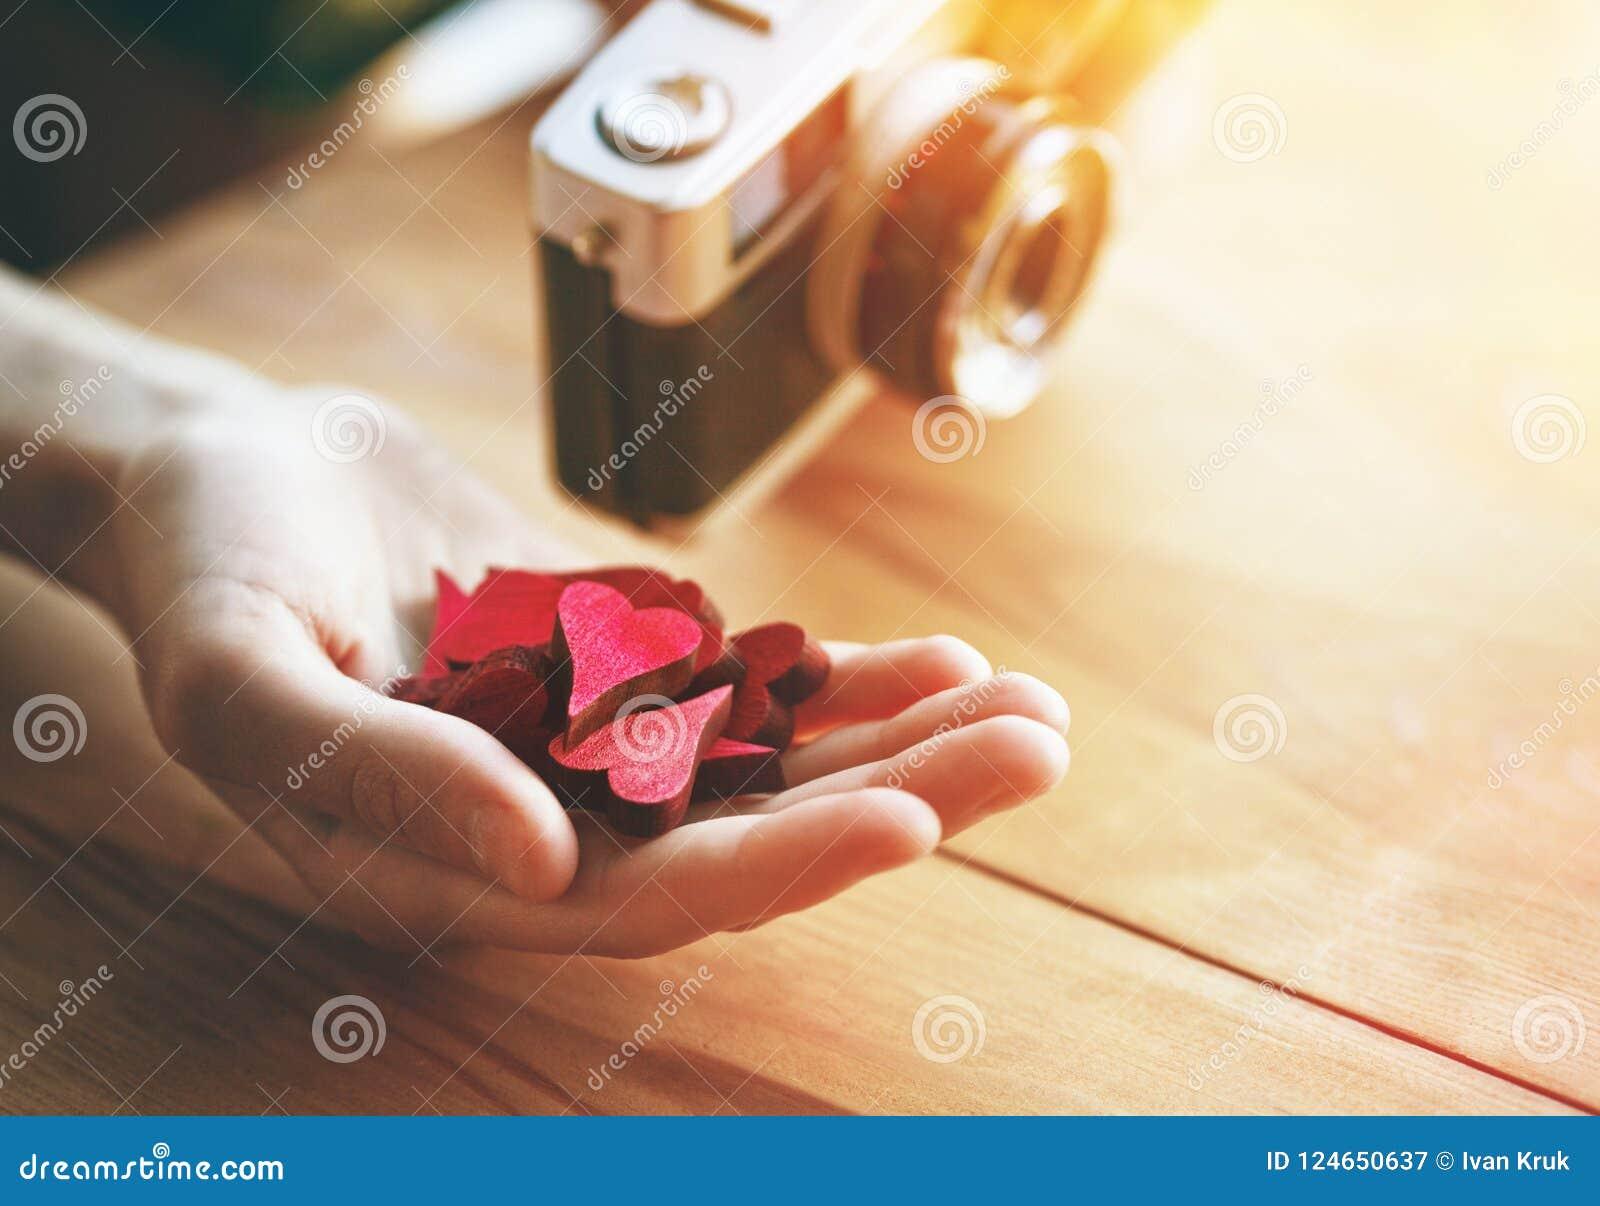 рука с сердцами как как символ в социальных средствах массовой информации